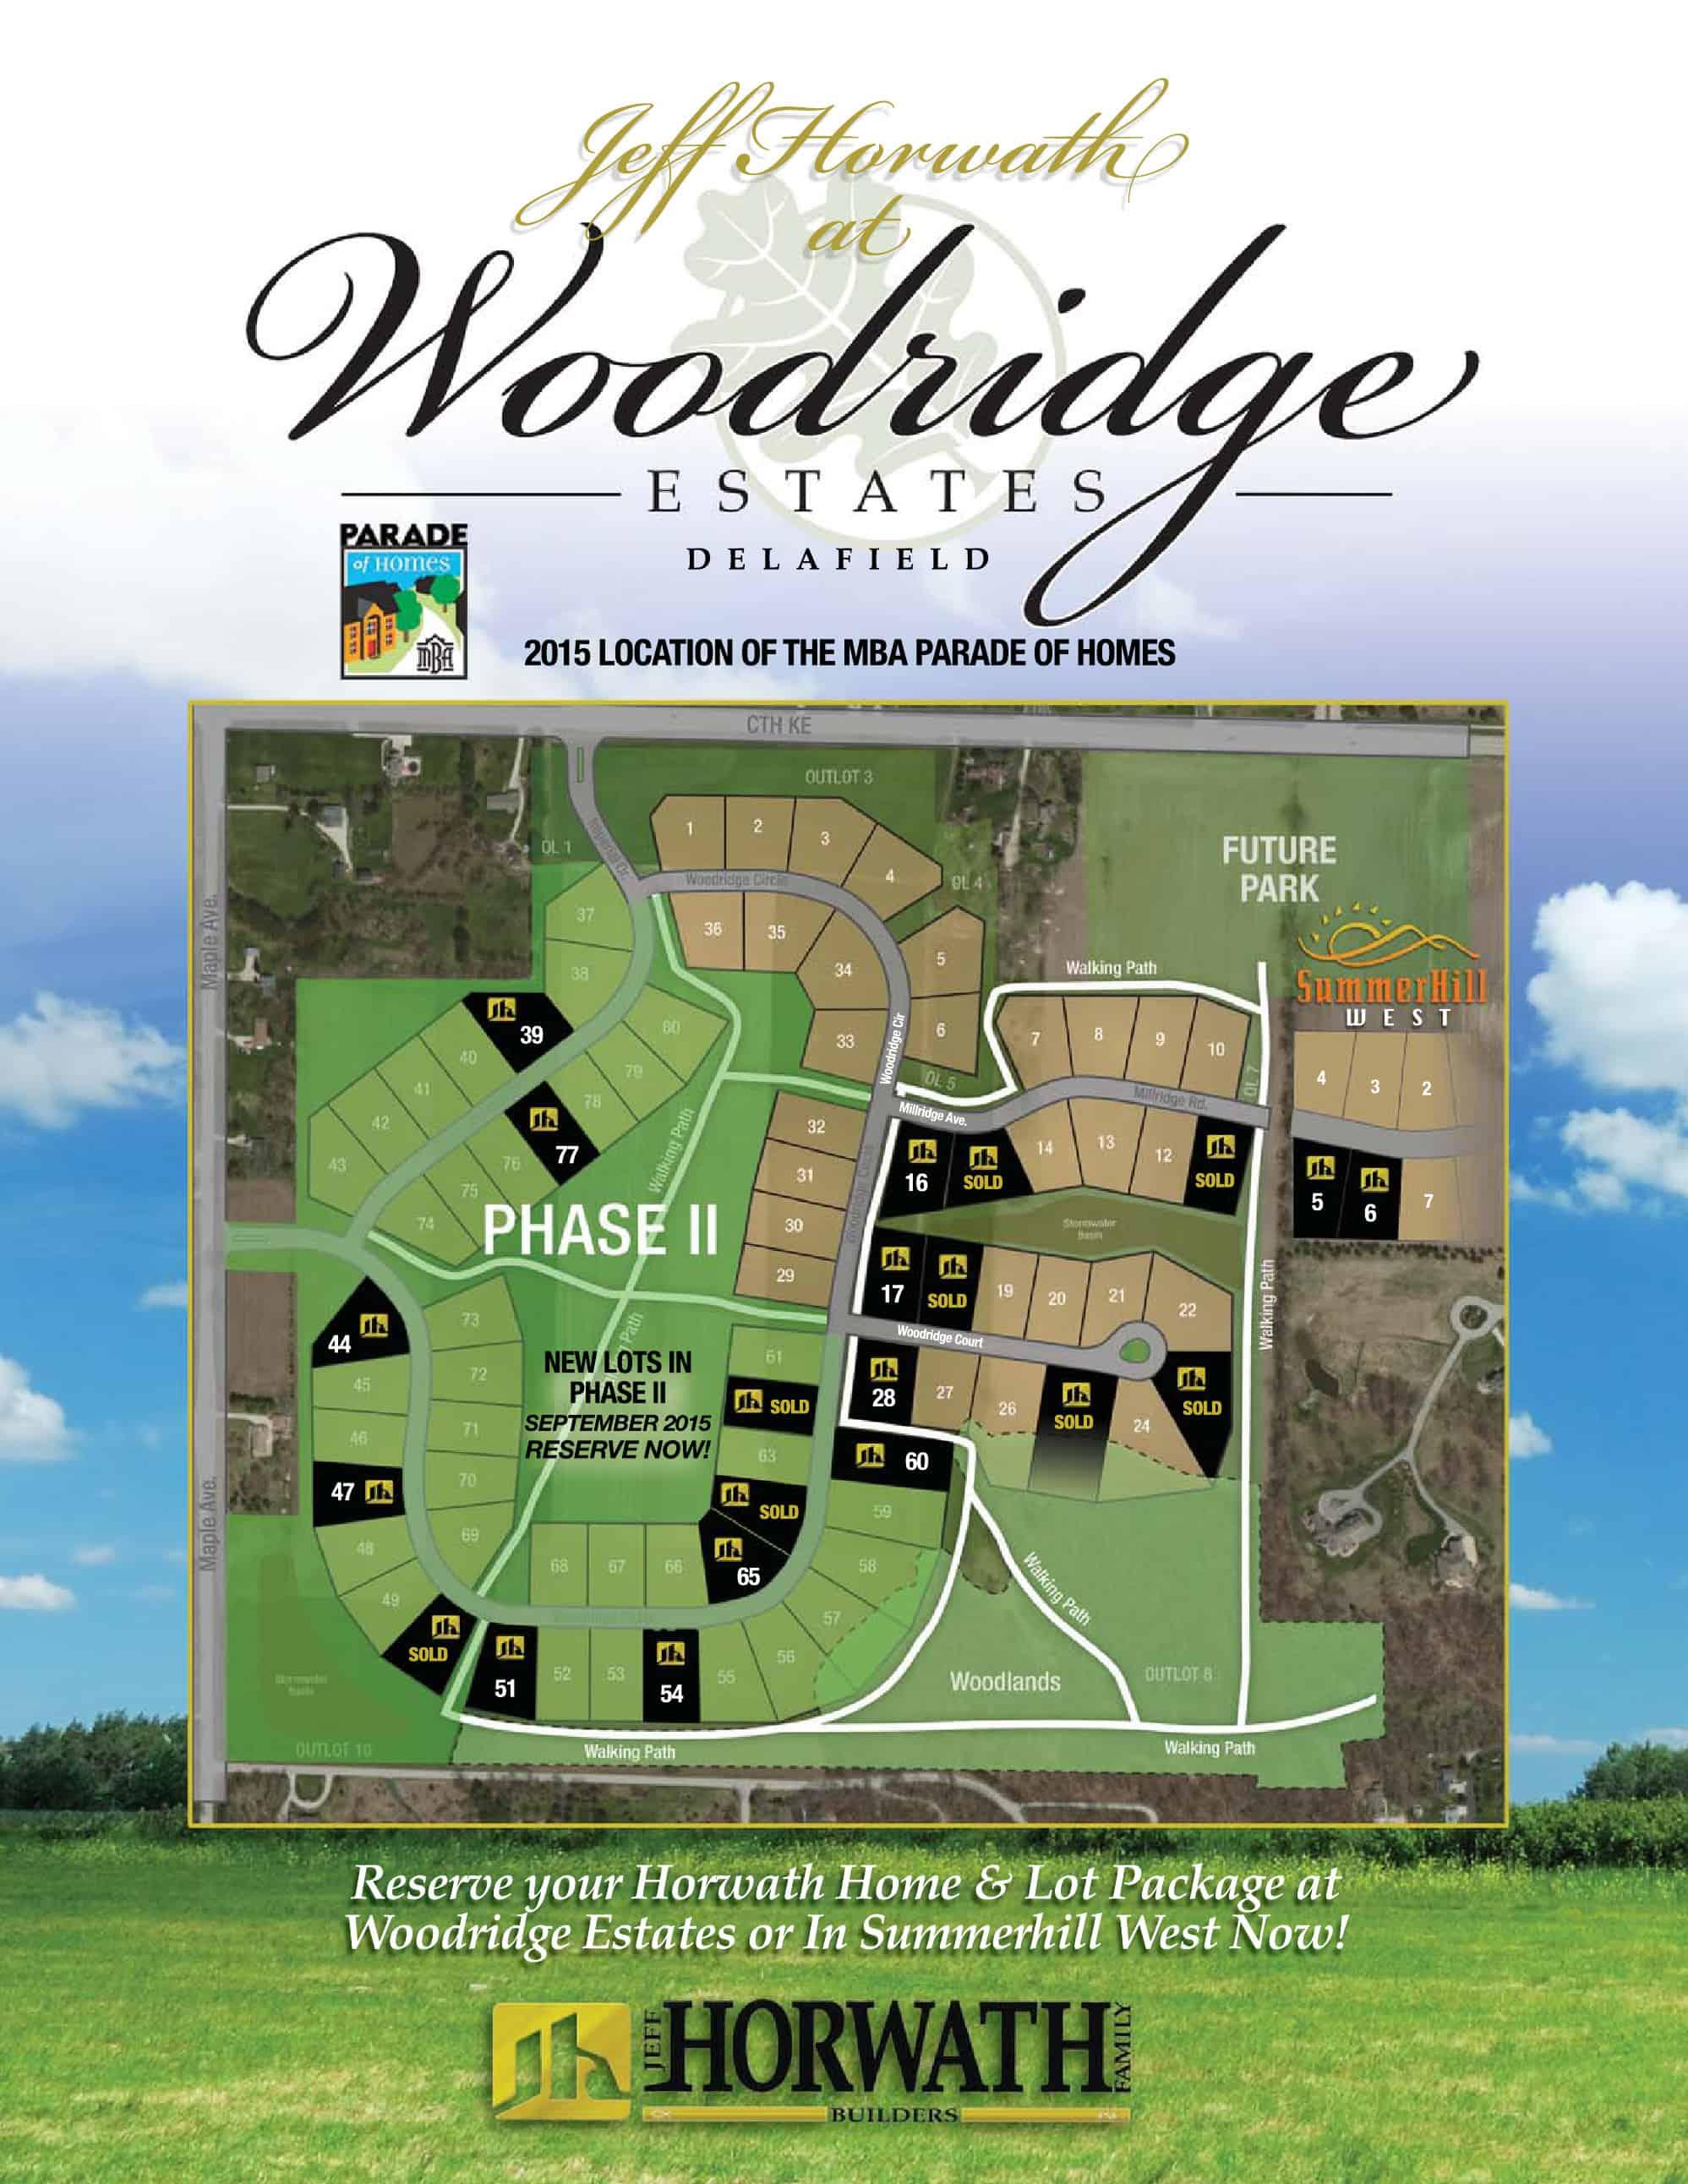 WoodridgeFlyer 3-2-17